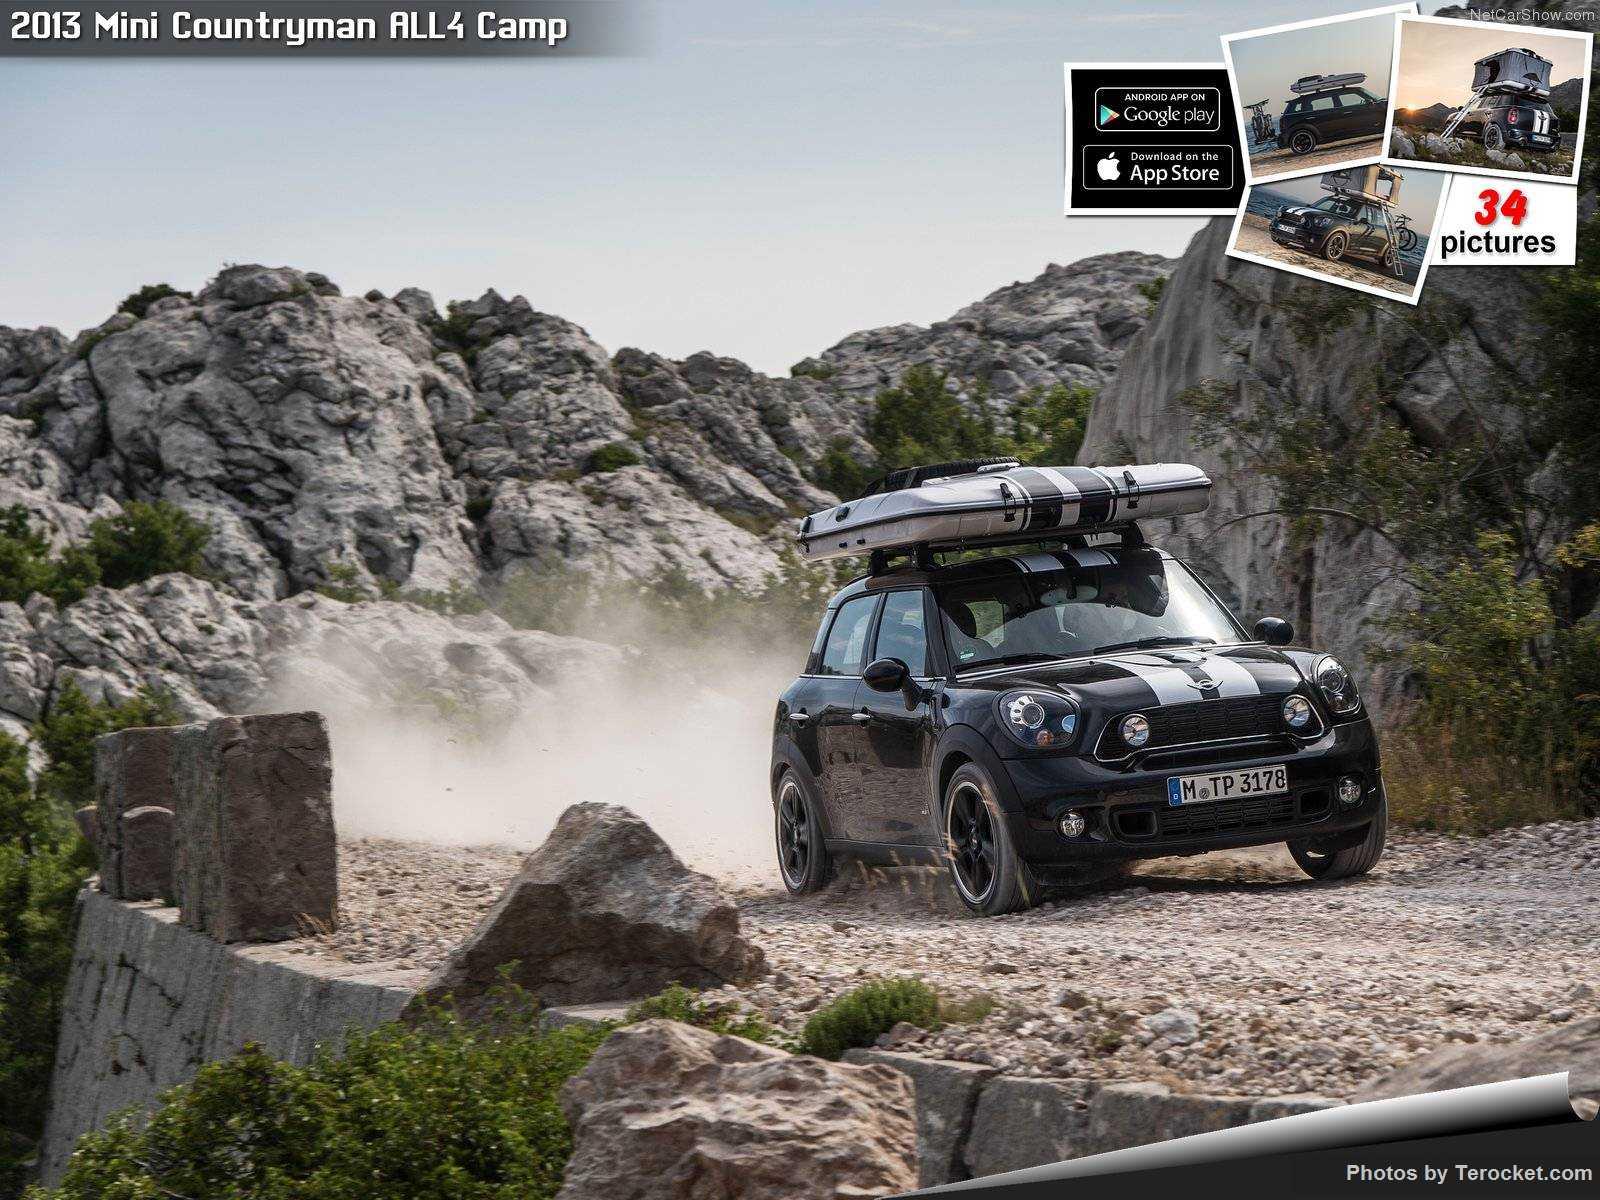 Hình ảnh xe ô tô Mini Countryman ALL4 Camp 2013 & nội ngoại thất